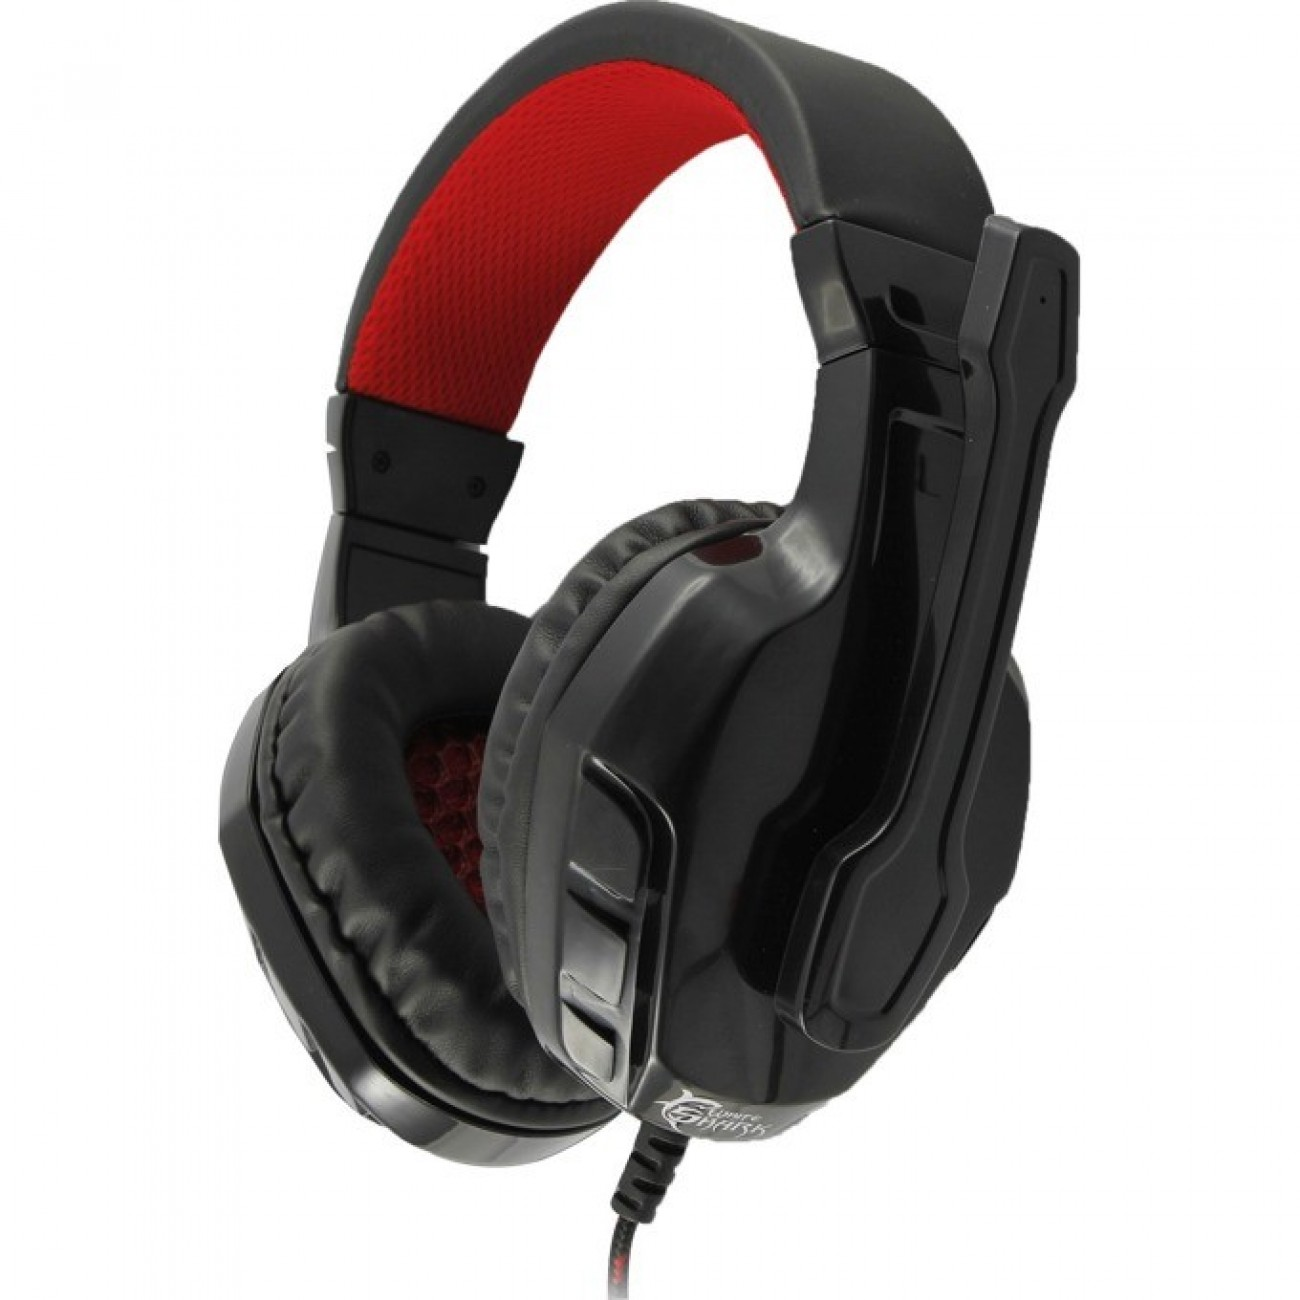 Слушалки White Shark GHS-1641 Panther, микрофон, 20Hz - 20kHz честотен обхват, черни в Слушалки -  | Alleop